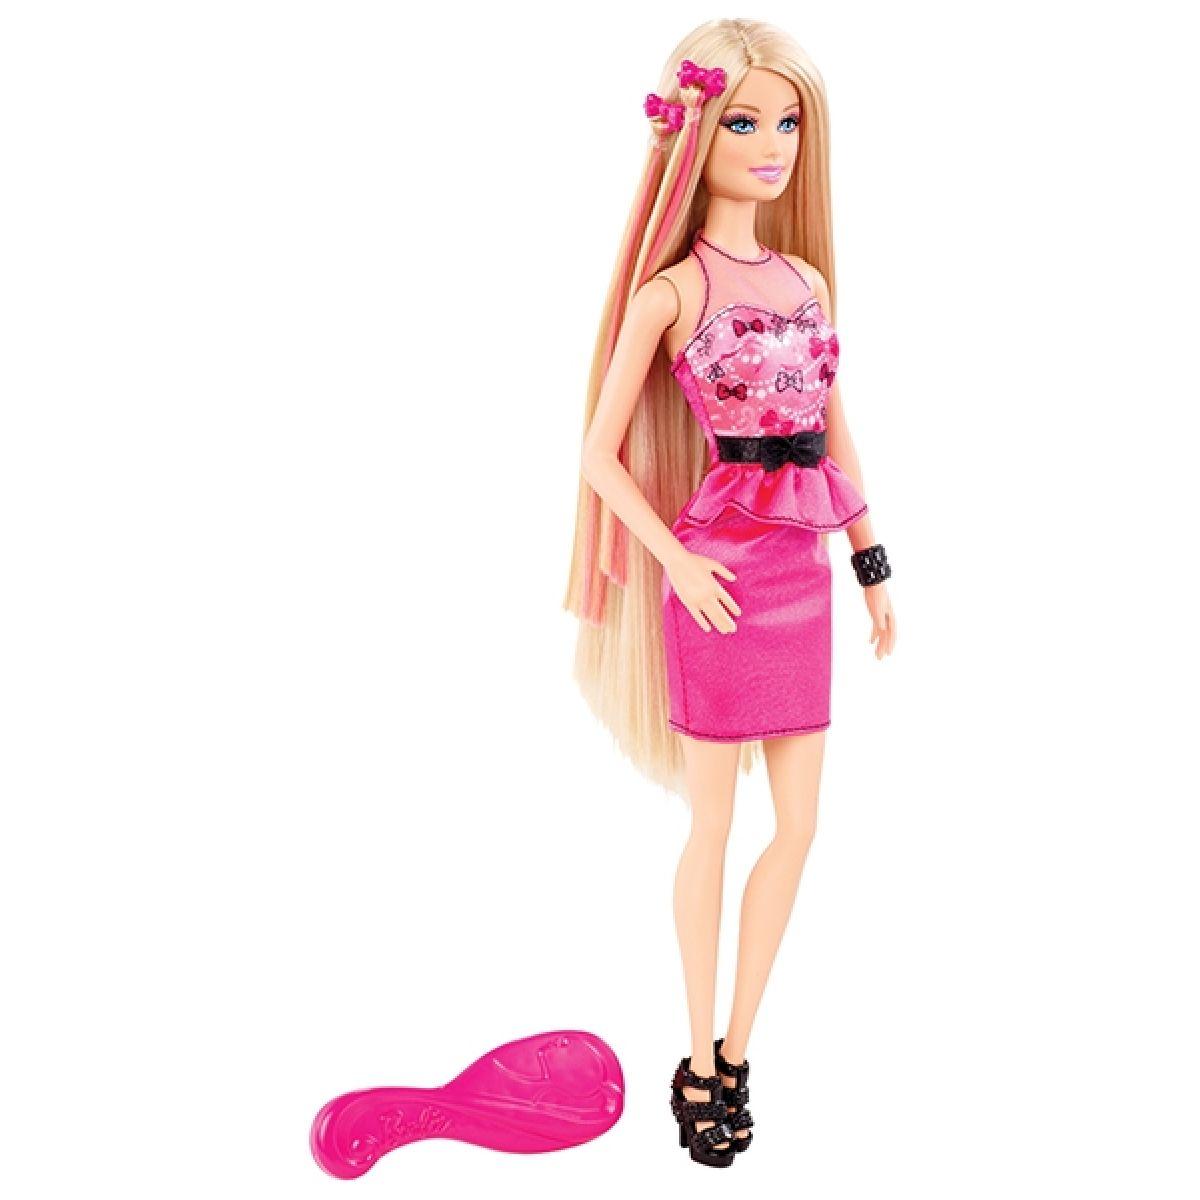 Barbie Fantastické vlasy - Barbie růžová